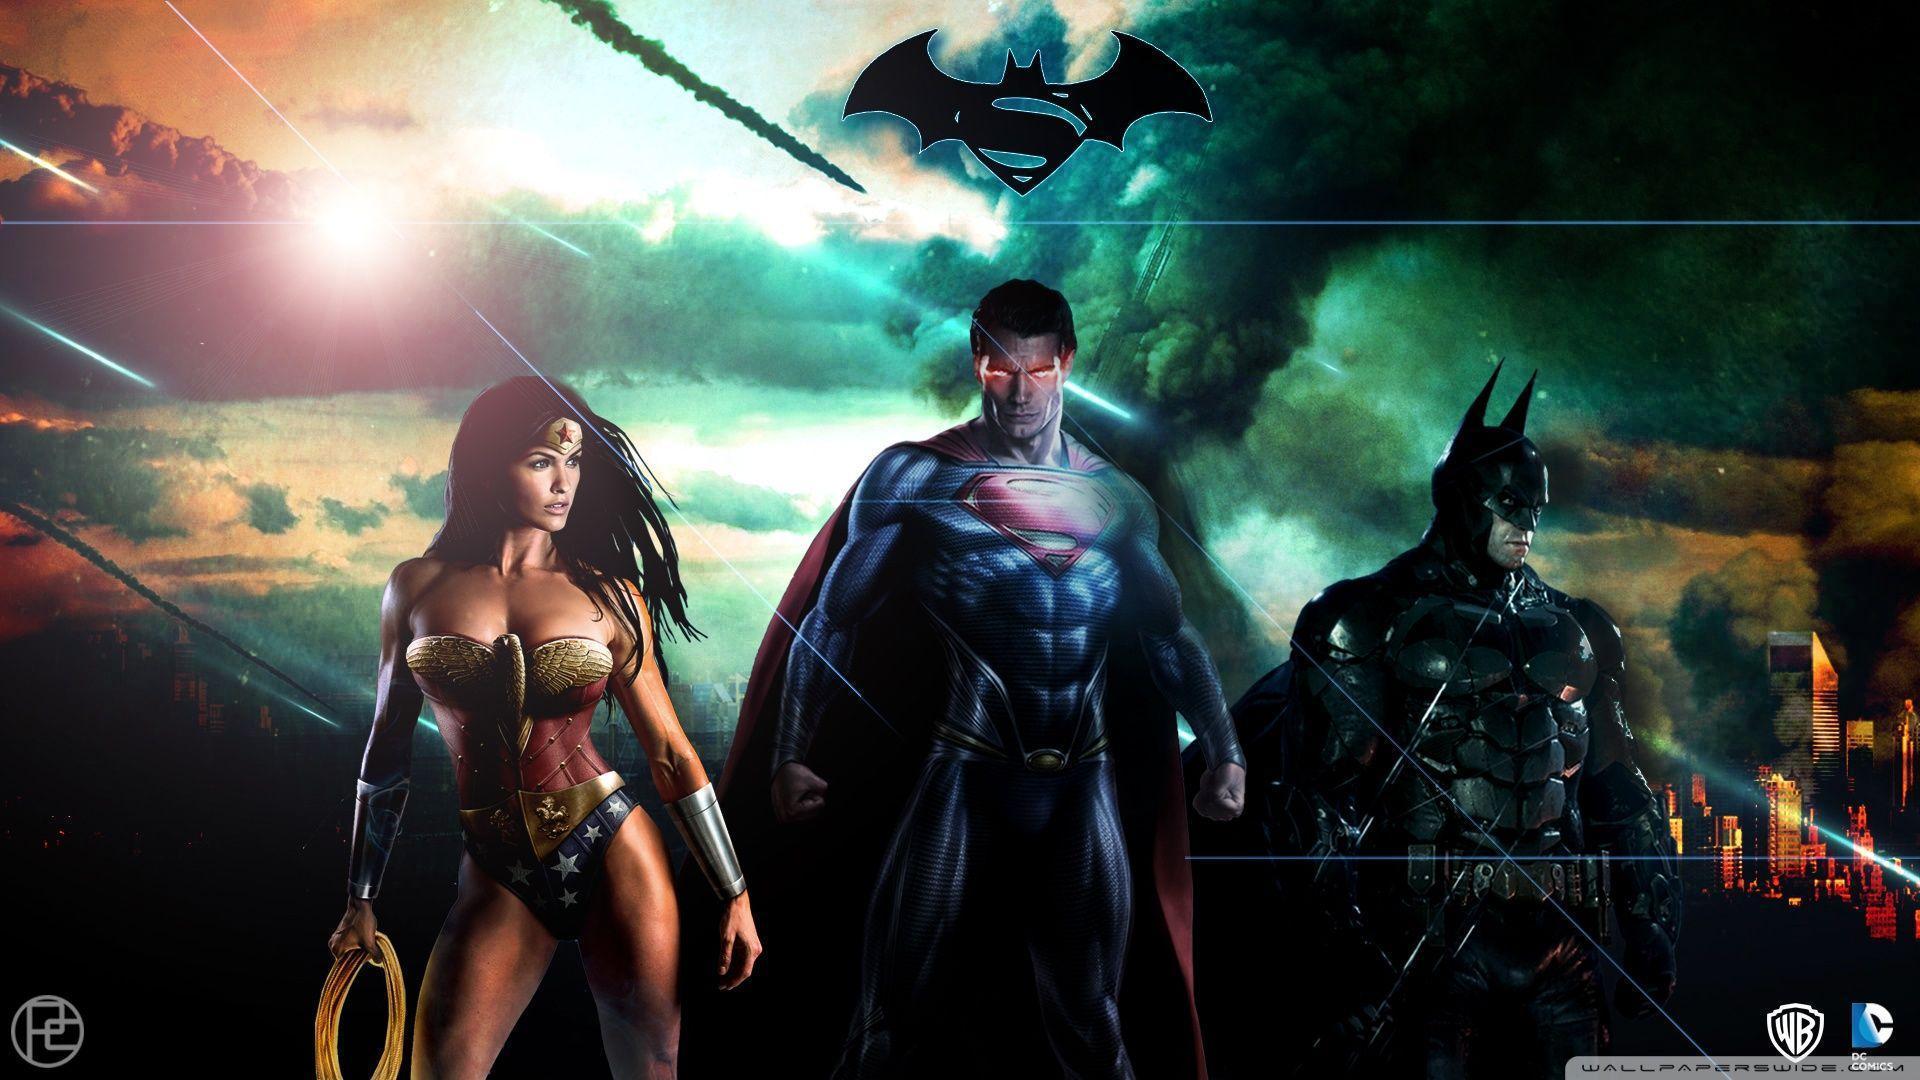 Superman Batman Wonderwoman DC HD desktop wallpaper : High ...